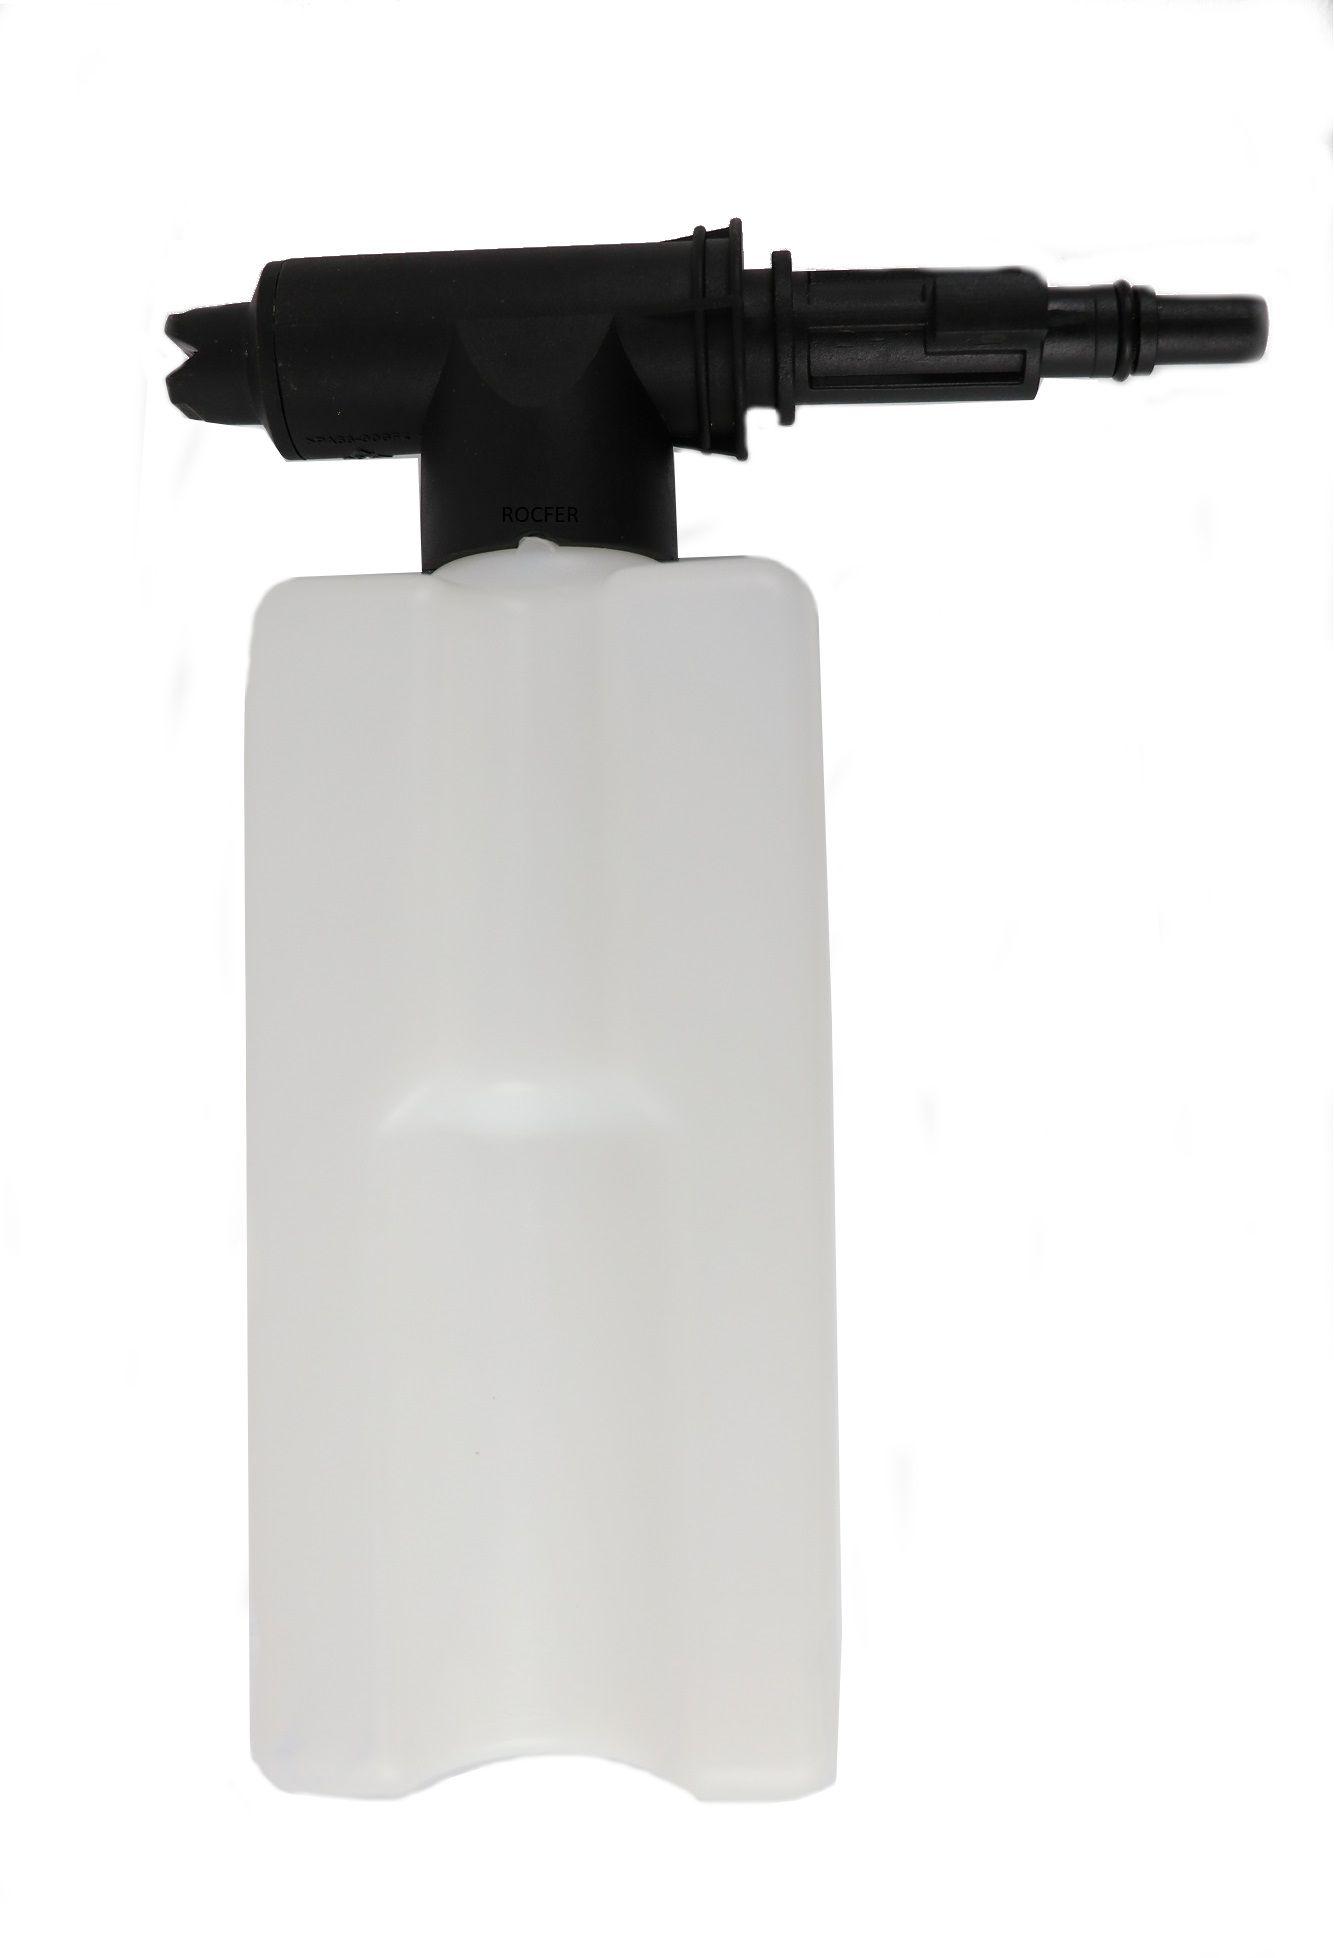 Reservatório De Detergente 5140126-53 P/ Lavadoras de Alta Pressão Black e Decker